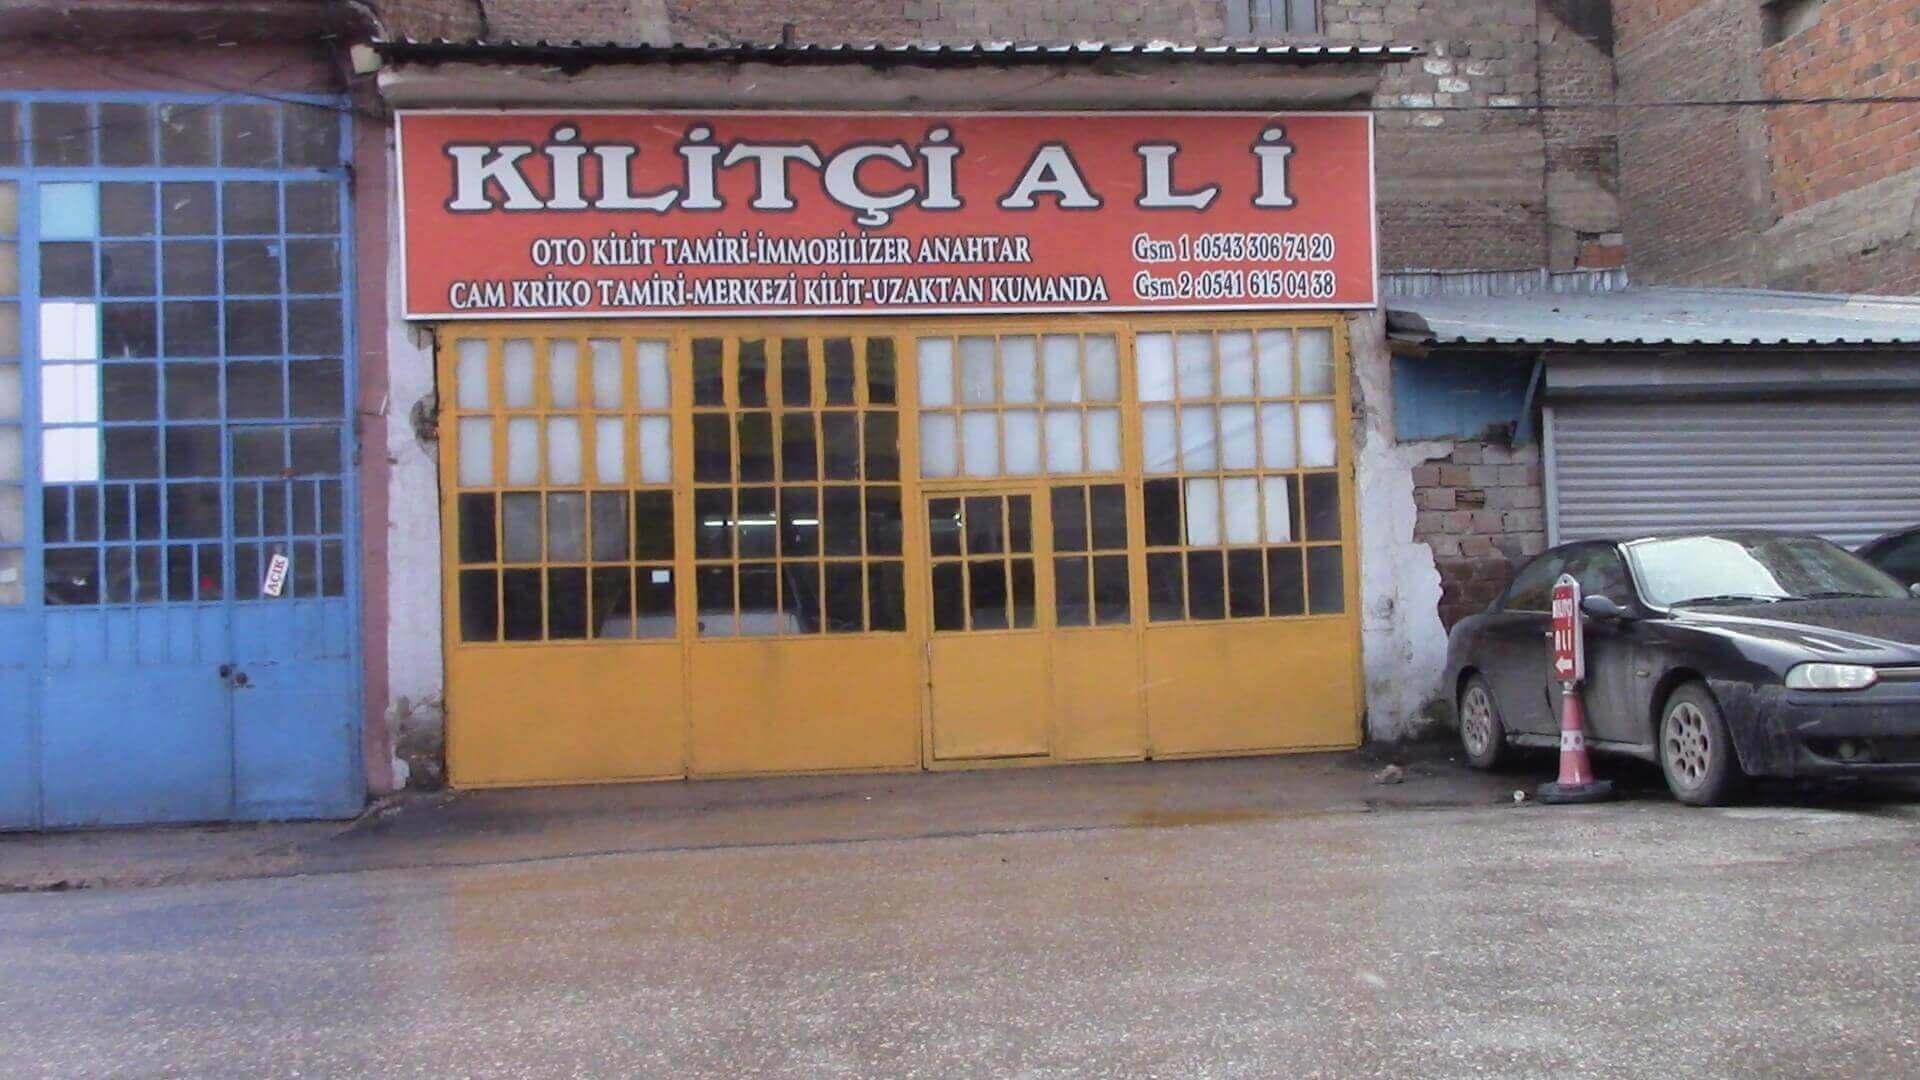 Kilitçi Ali